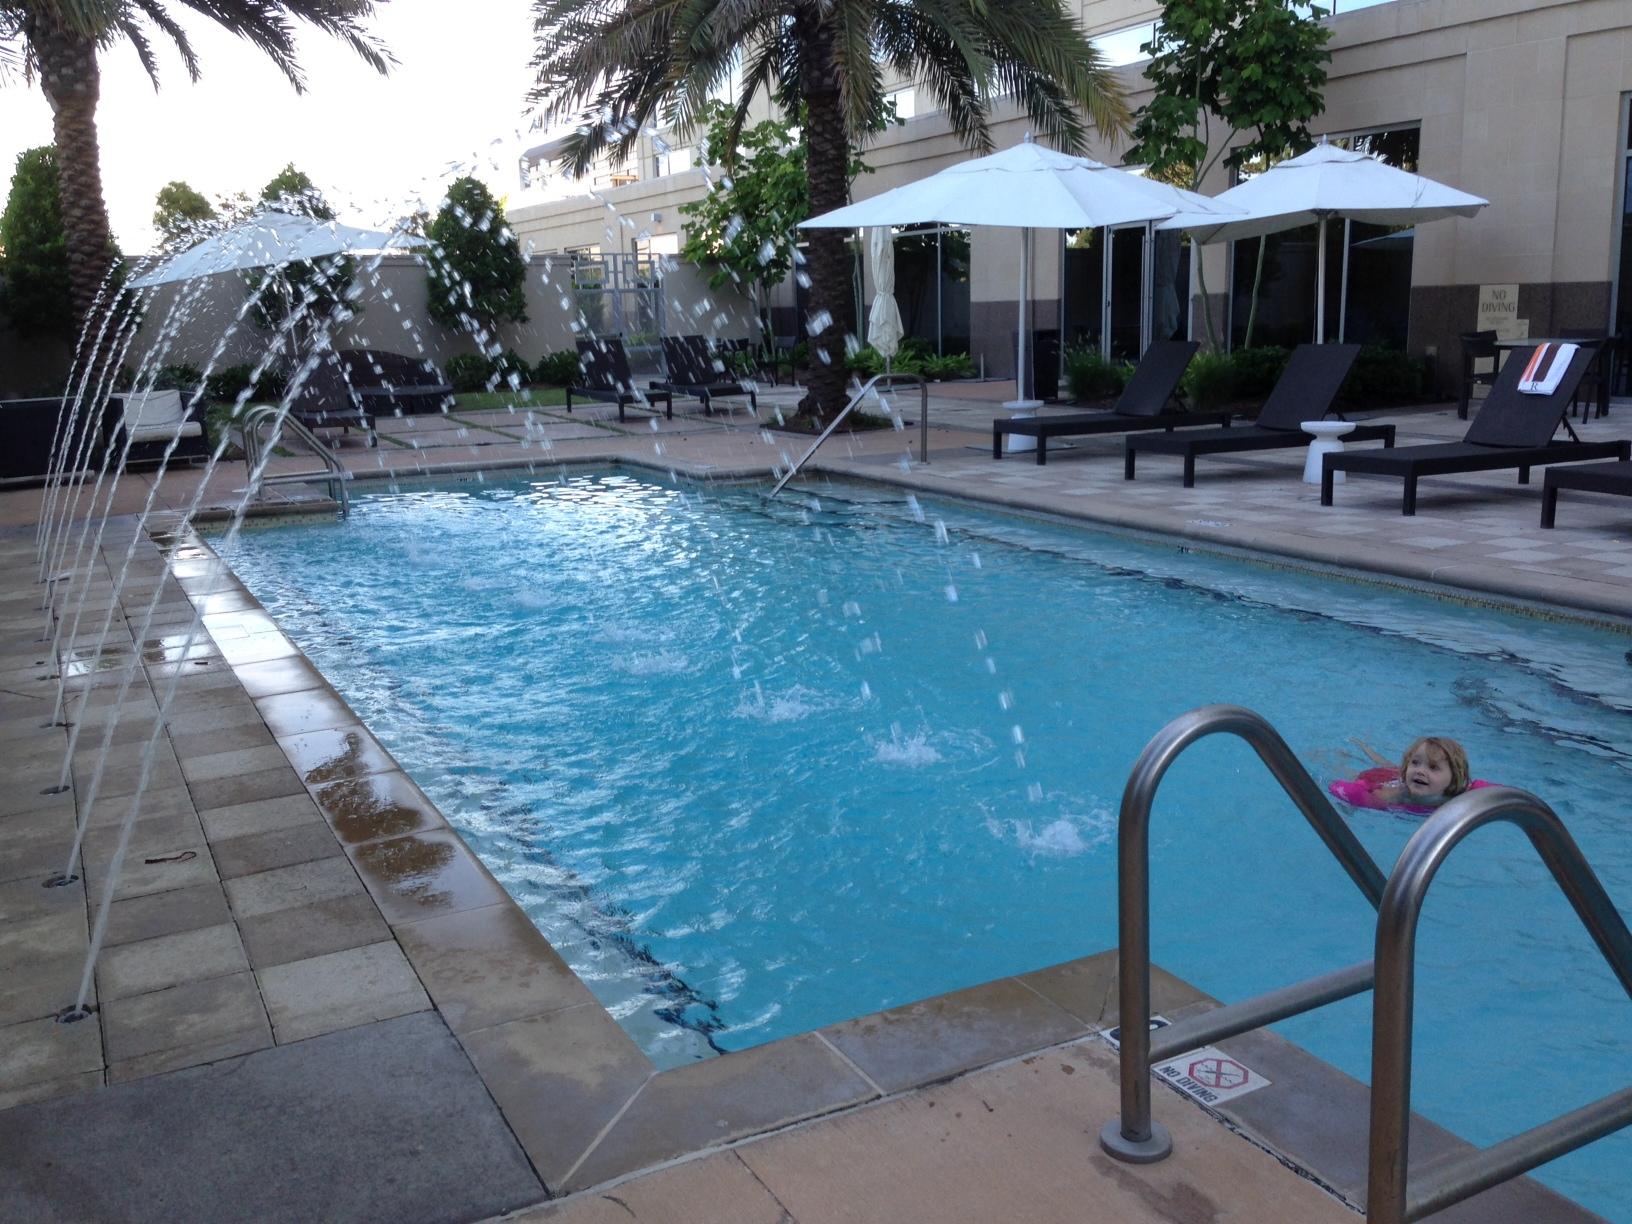 Renaissance Hotel Baton Rouge